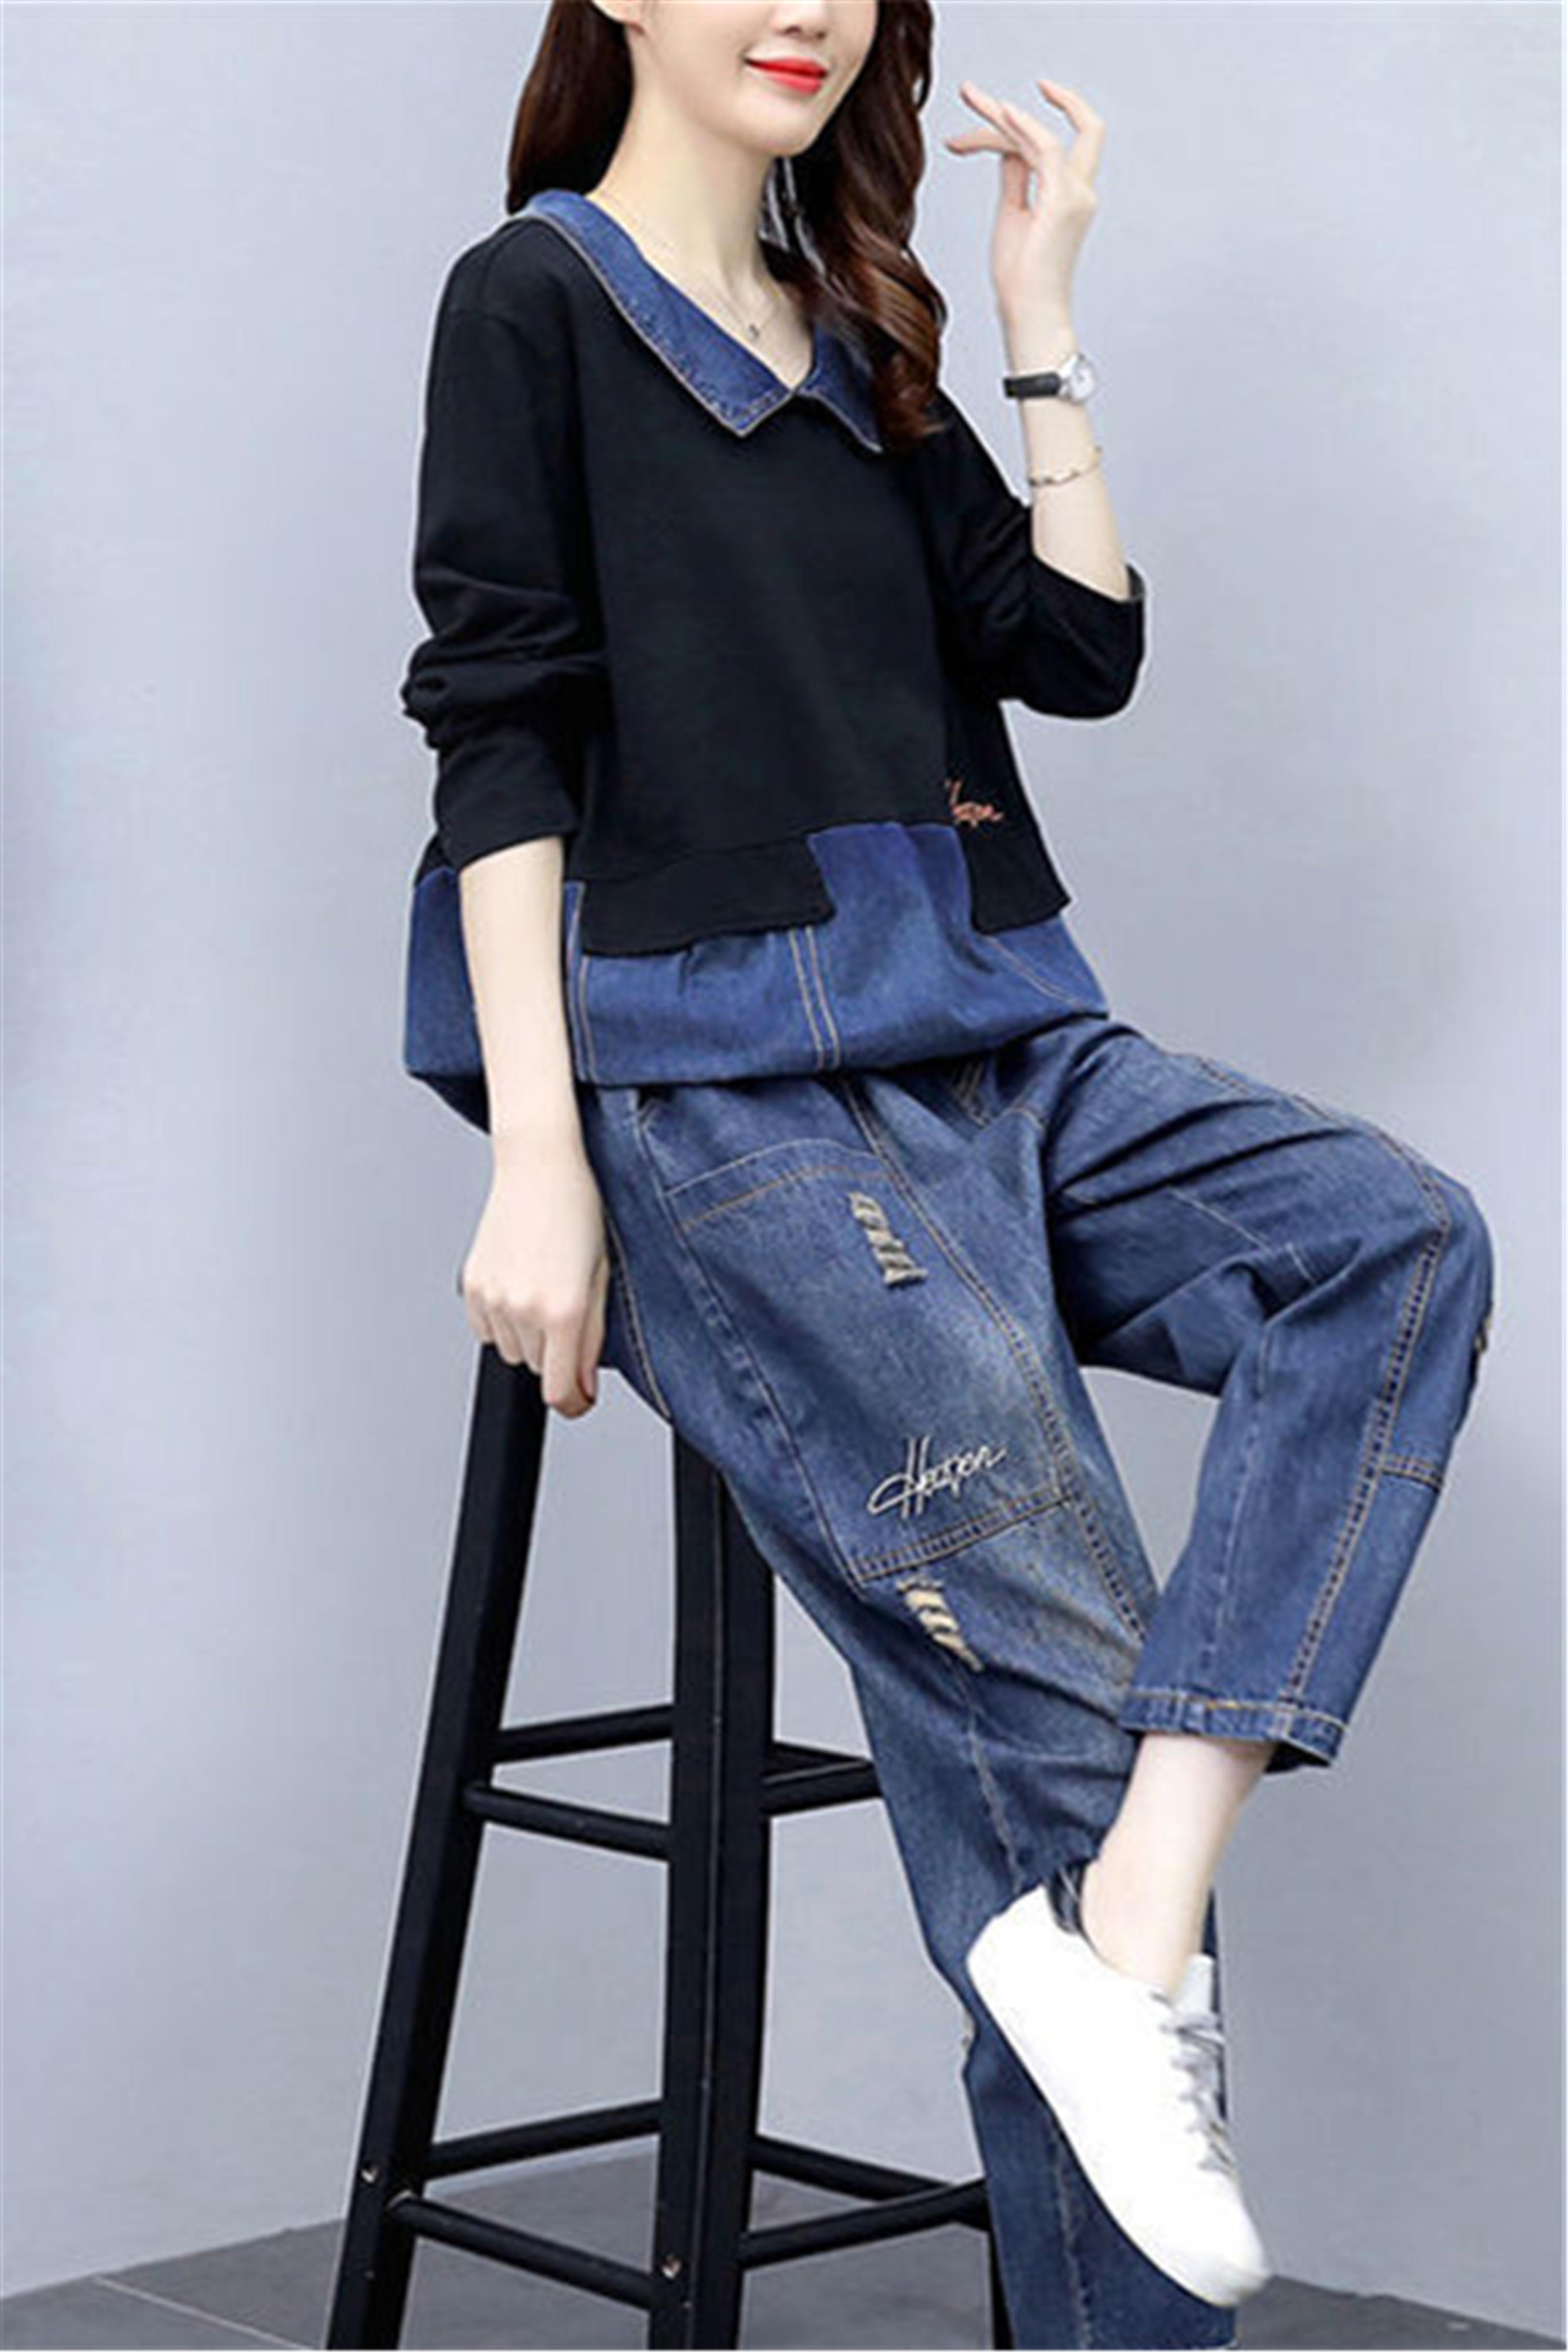 单/大码女装牛仔女2020秋季新款韩版宽松遮肉显瘦休闲两件套